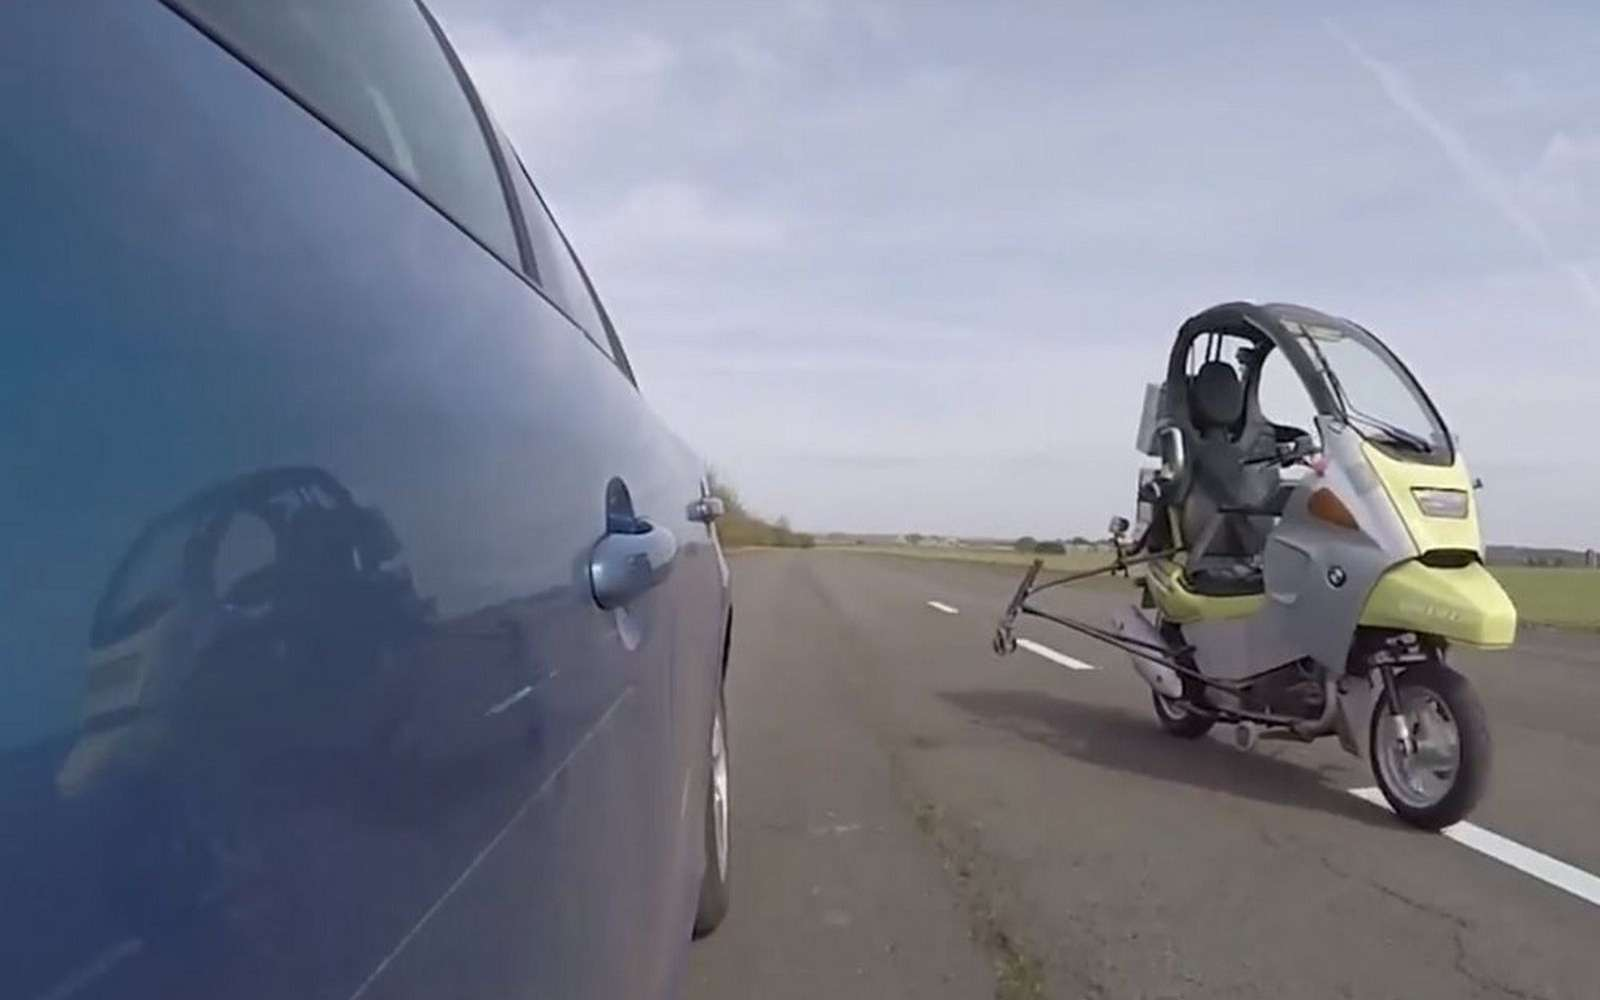 AB Dynamics a porté son choix sur le scooter BMW C1 en raison de la présence d'un toit qui facilite l'installation des équipements nécessaires à la conduite autonome. © AB Dynamics